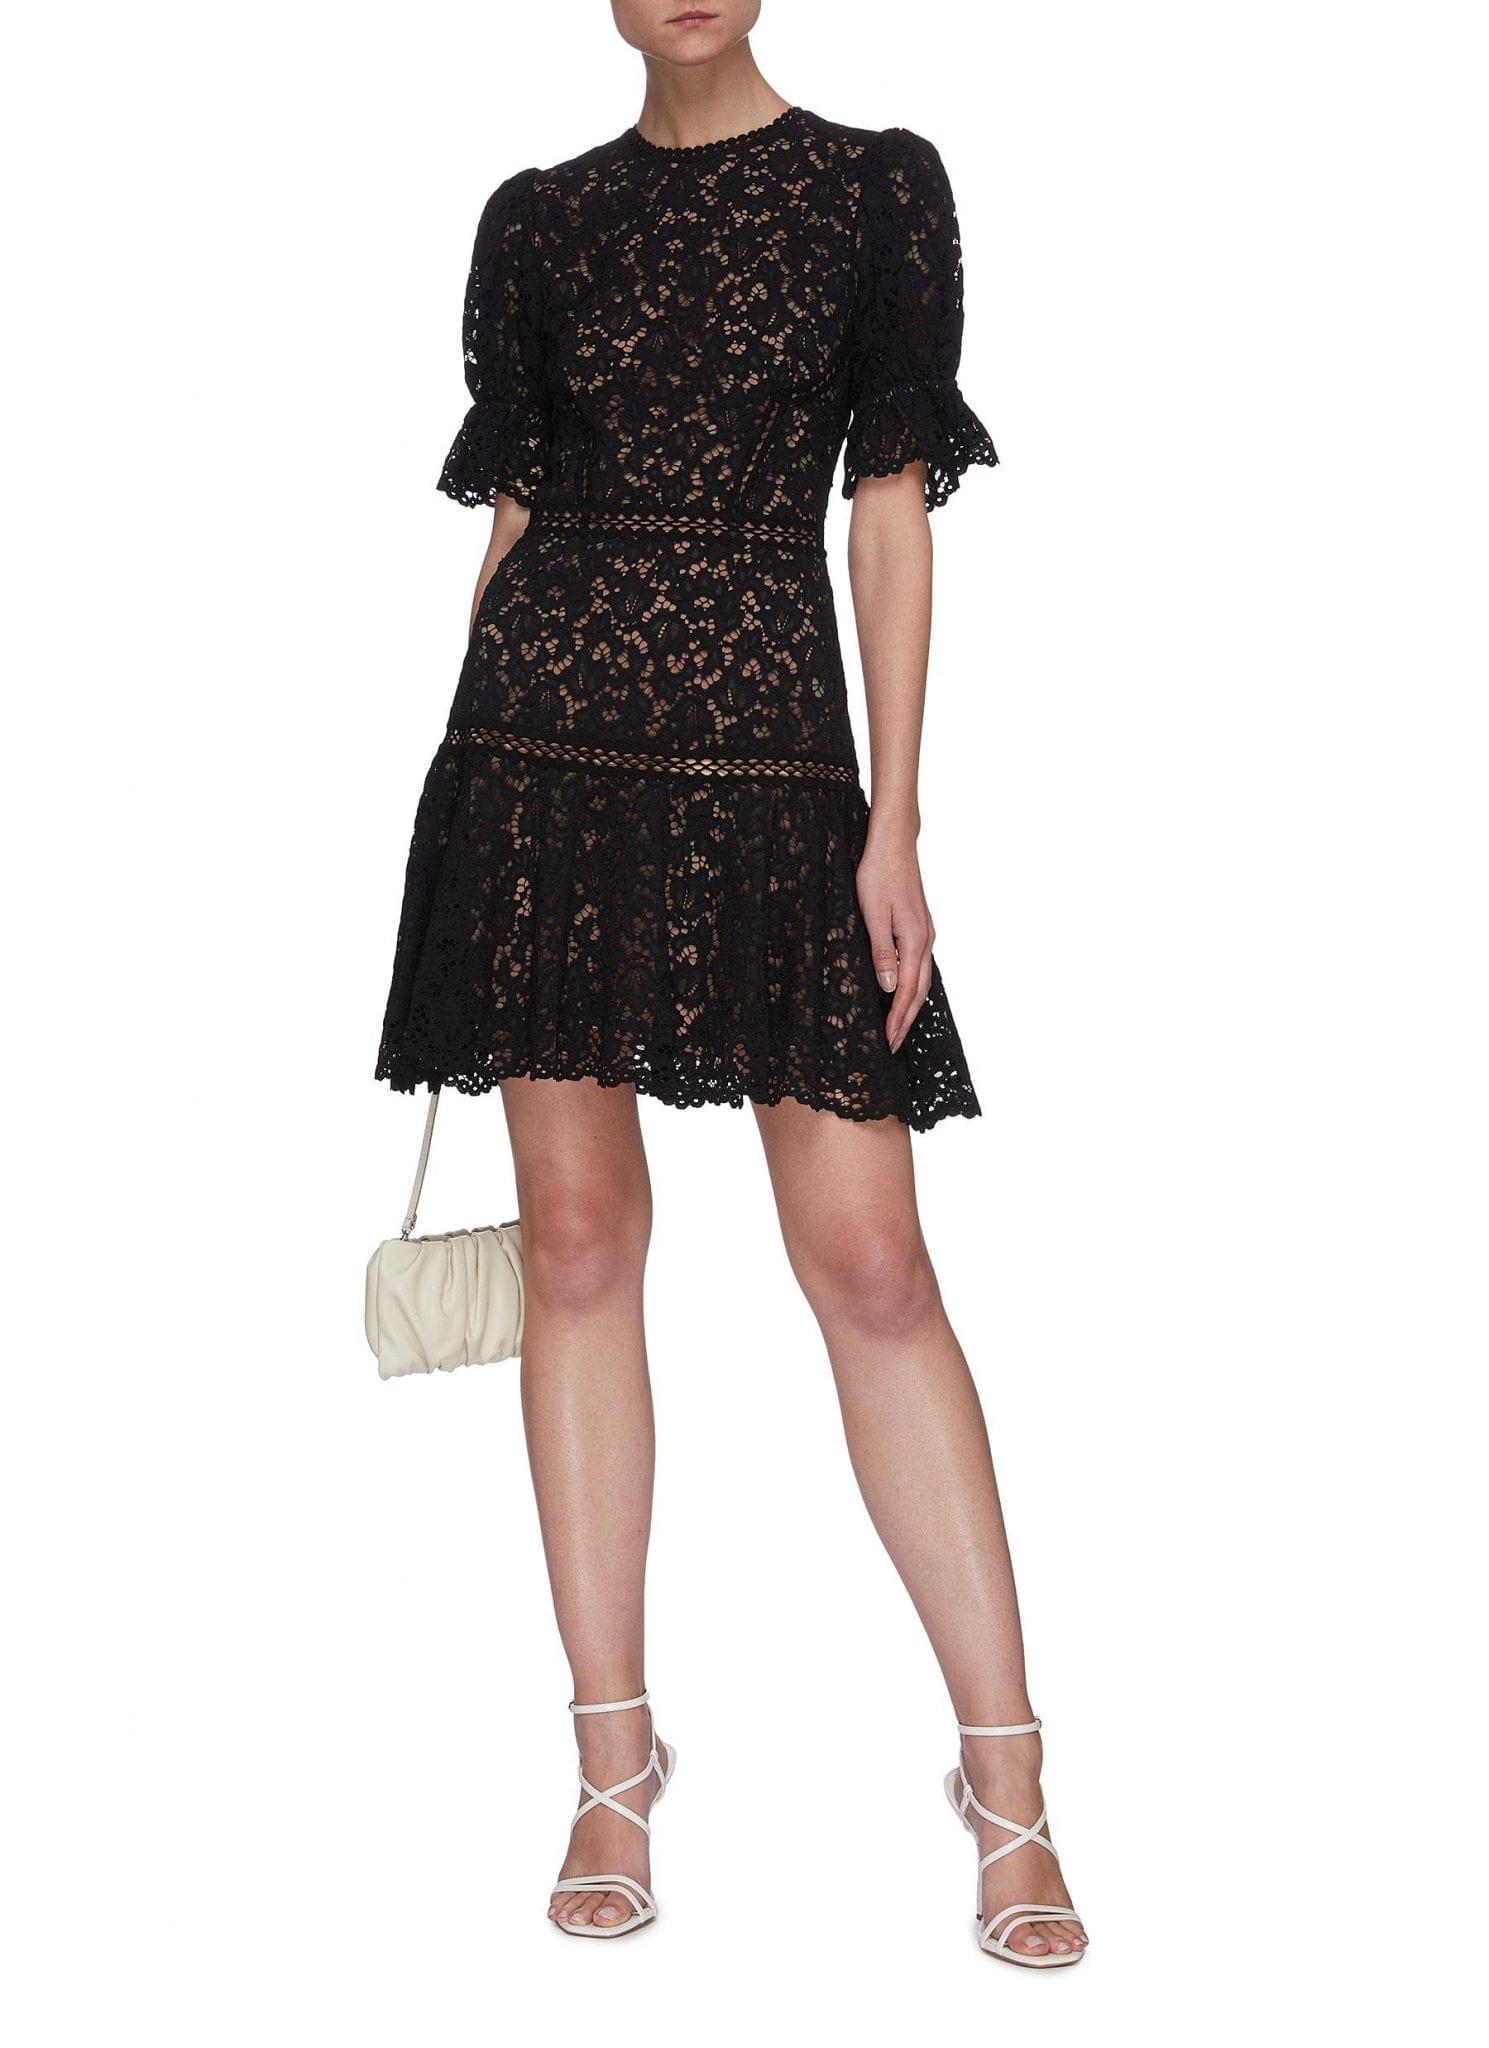 JONATHAN SIMKHAI Puff Sleeve Lace Mini Dress